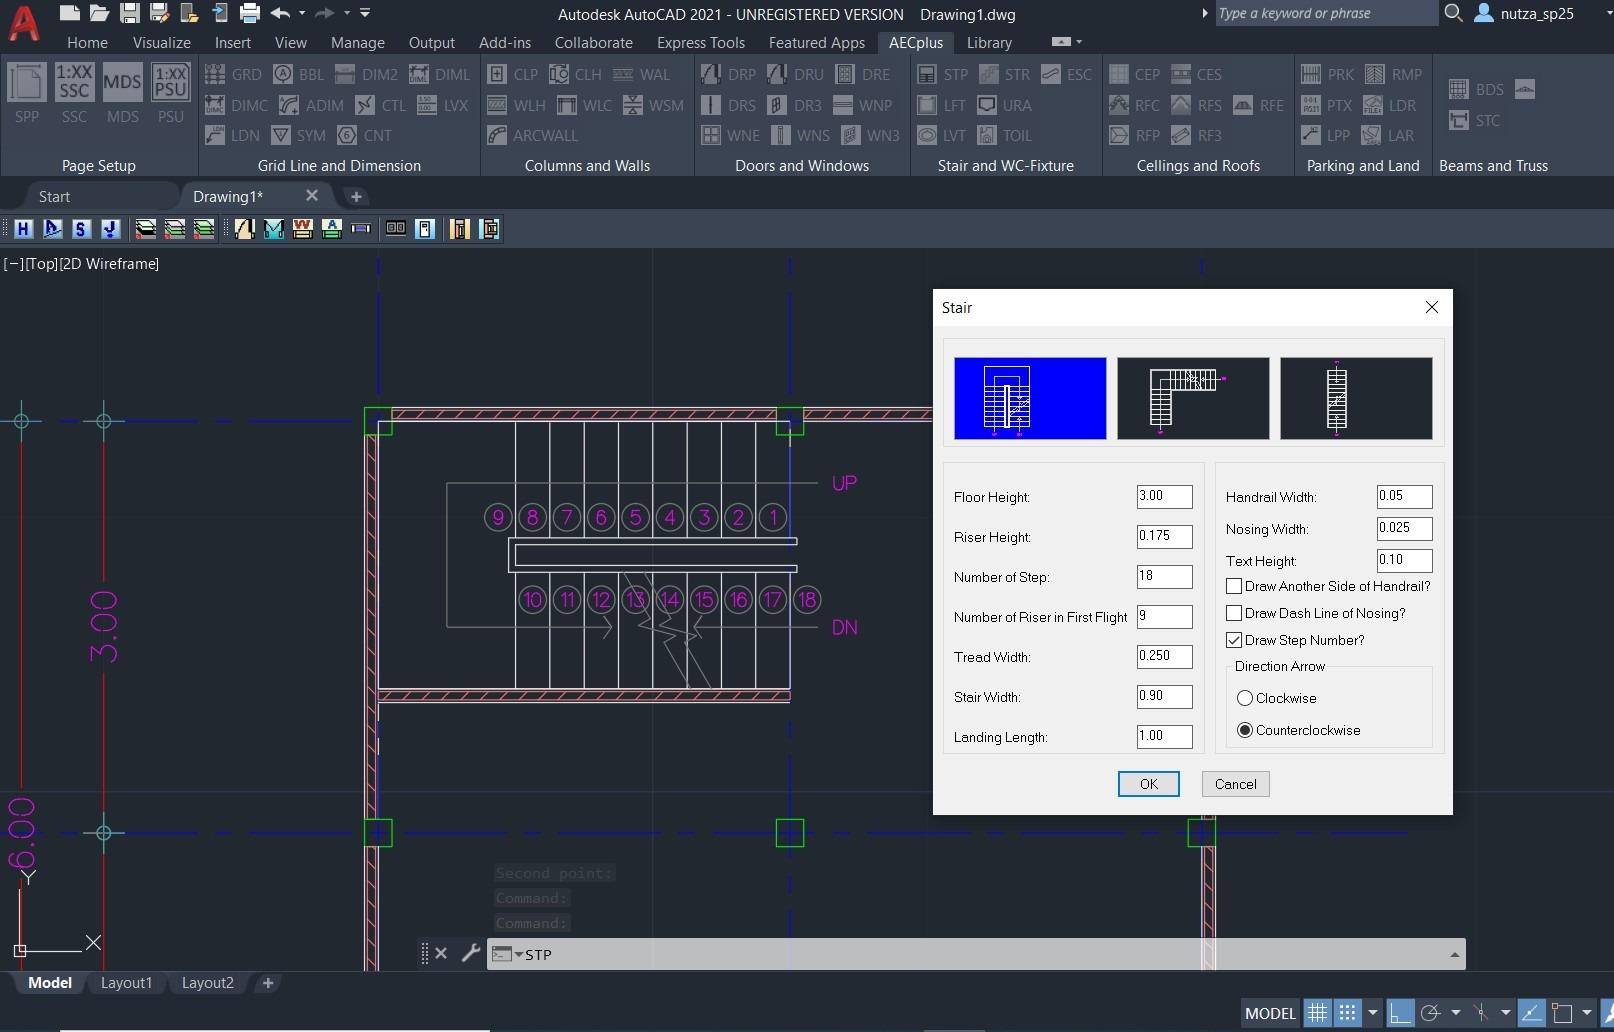 เสริมทัพ AutoCAD2021 ช่วยเขียนแบบบ้านและอาคาร ด้วย Add-on AECPlus (โหลดฟรี)